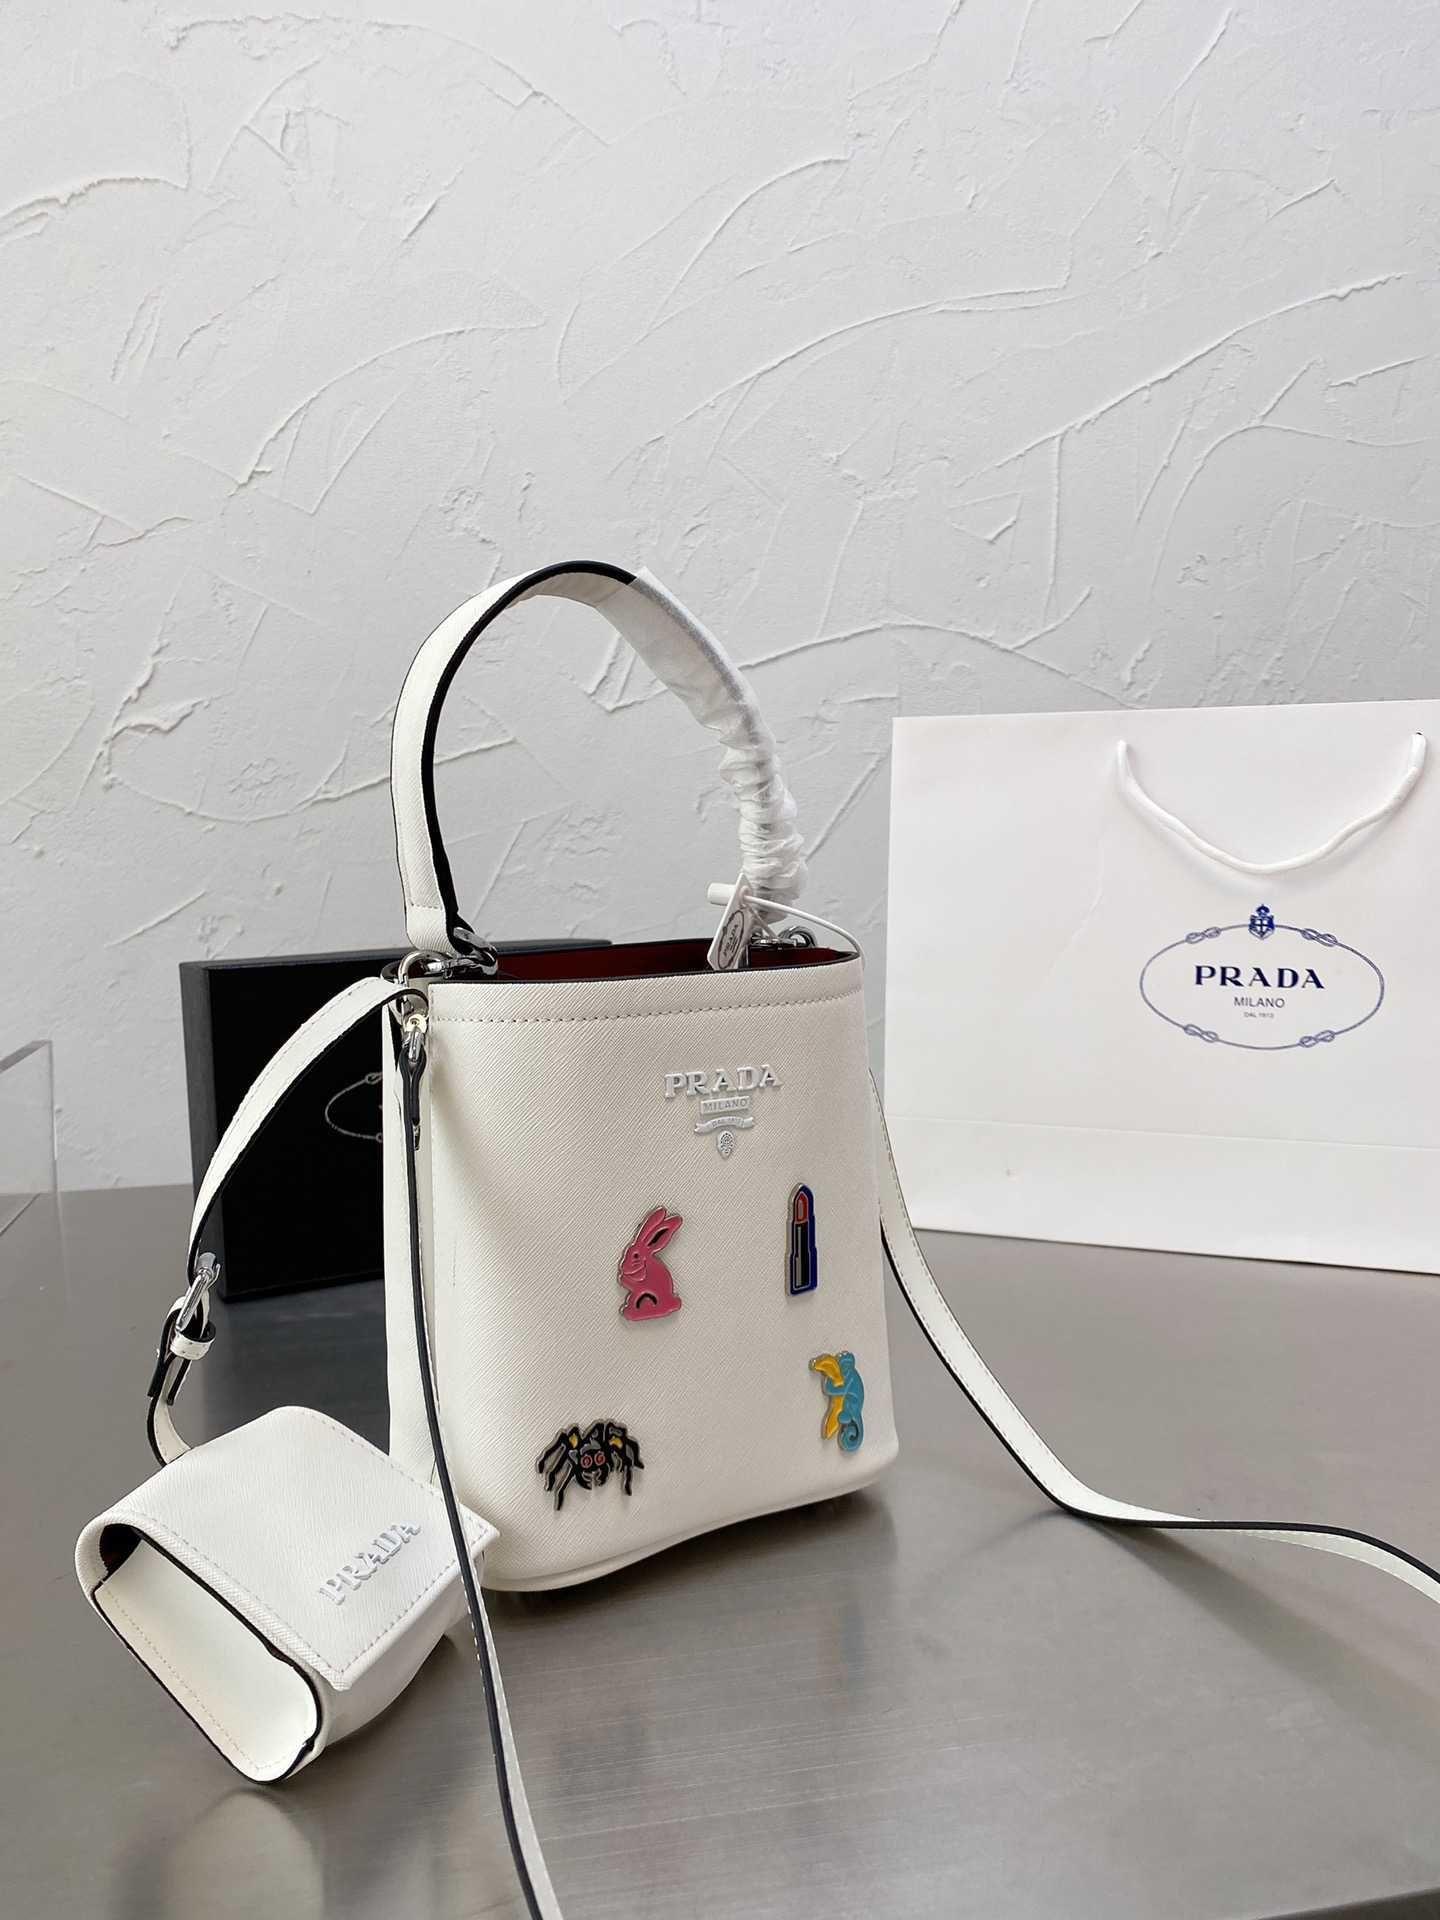 PRA Top Quality 2021 Fashion Luxury Designer Brand Pearl Catena a tracolla Borsa a tracolla trasportatrice Portatile Sacchetto di stoccaggio per sacchi da pranzo 2I2J